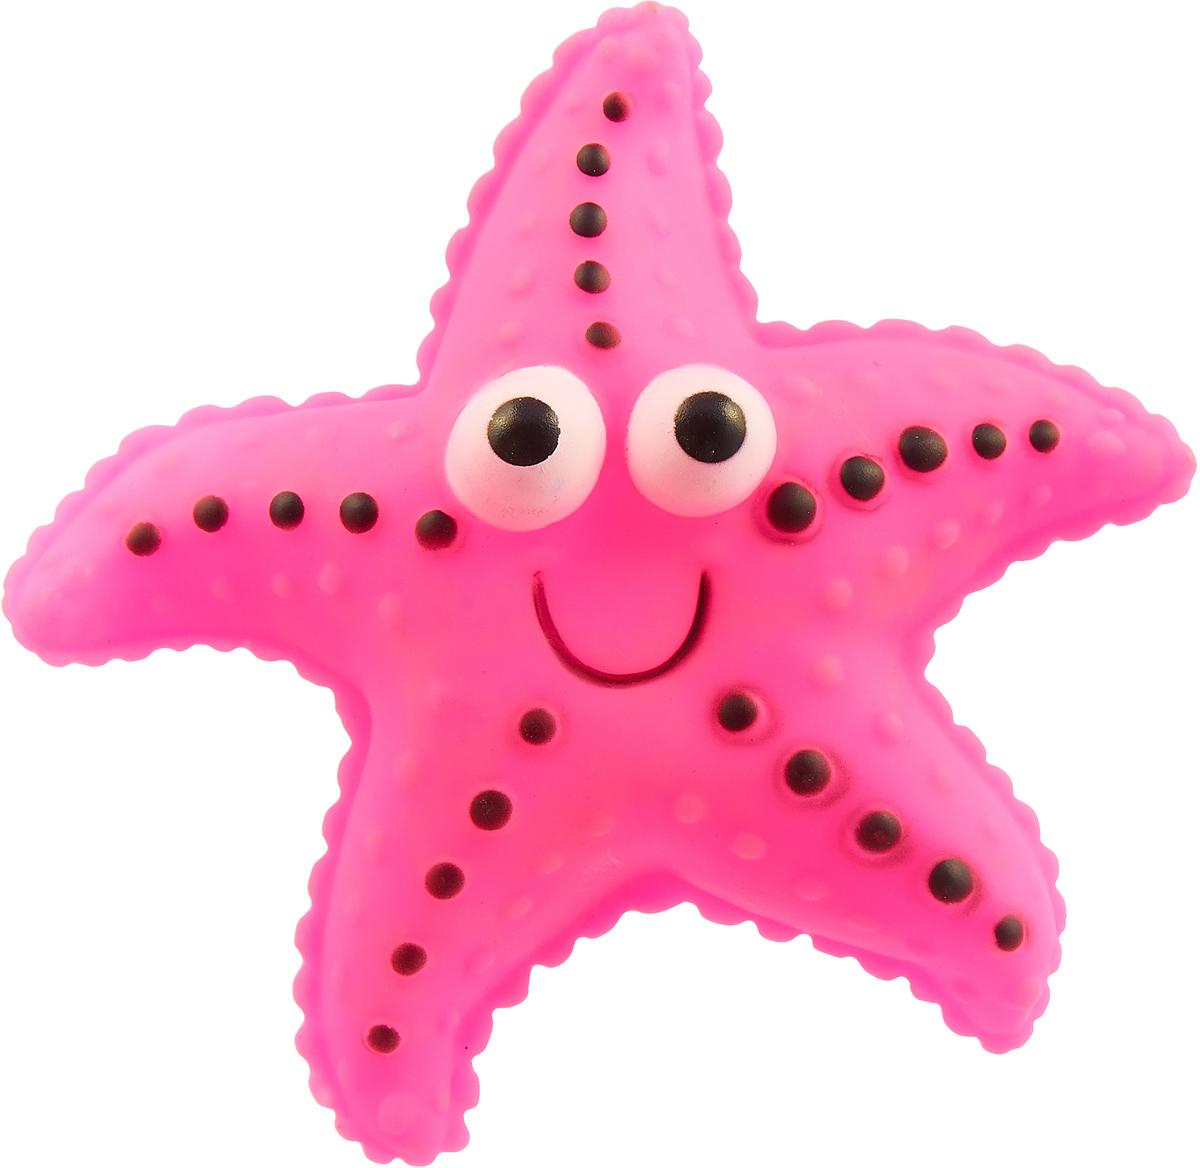 Игрушка для собак Уют Морская звезда, цвет: розовый, 13 см